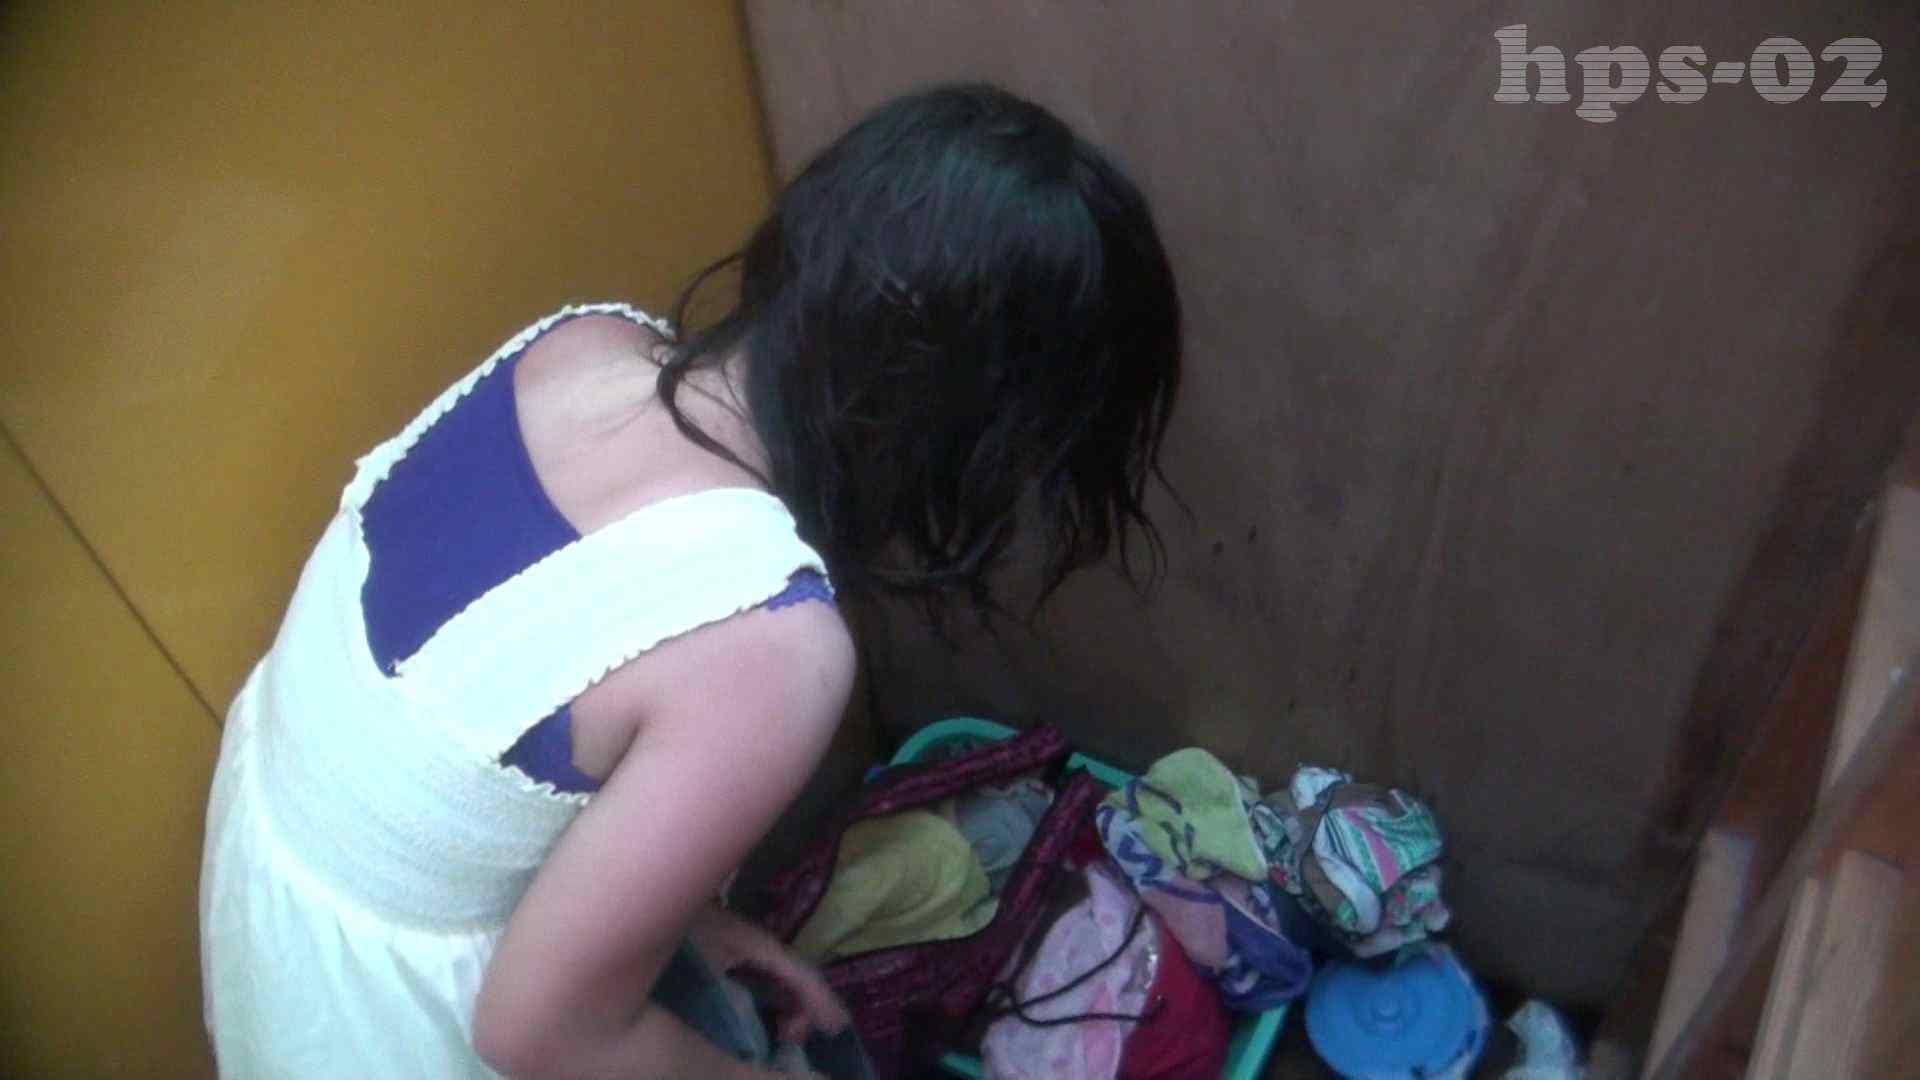 シャワールームは超!!危険な香りVol.2 カメラに目線をやるのですがまったく気が付きません。 高画質 | シャワー  40連発 40